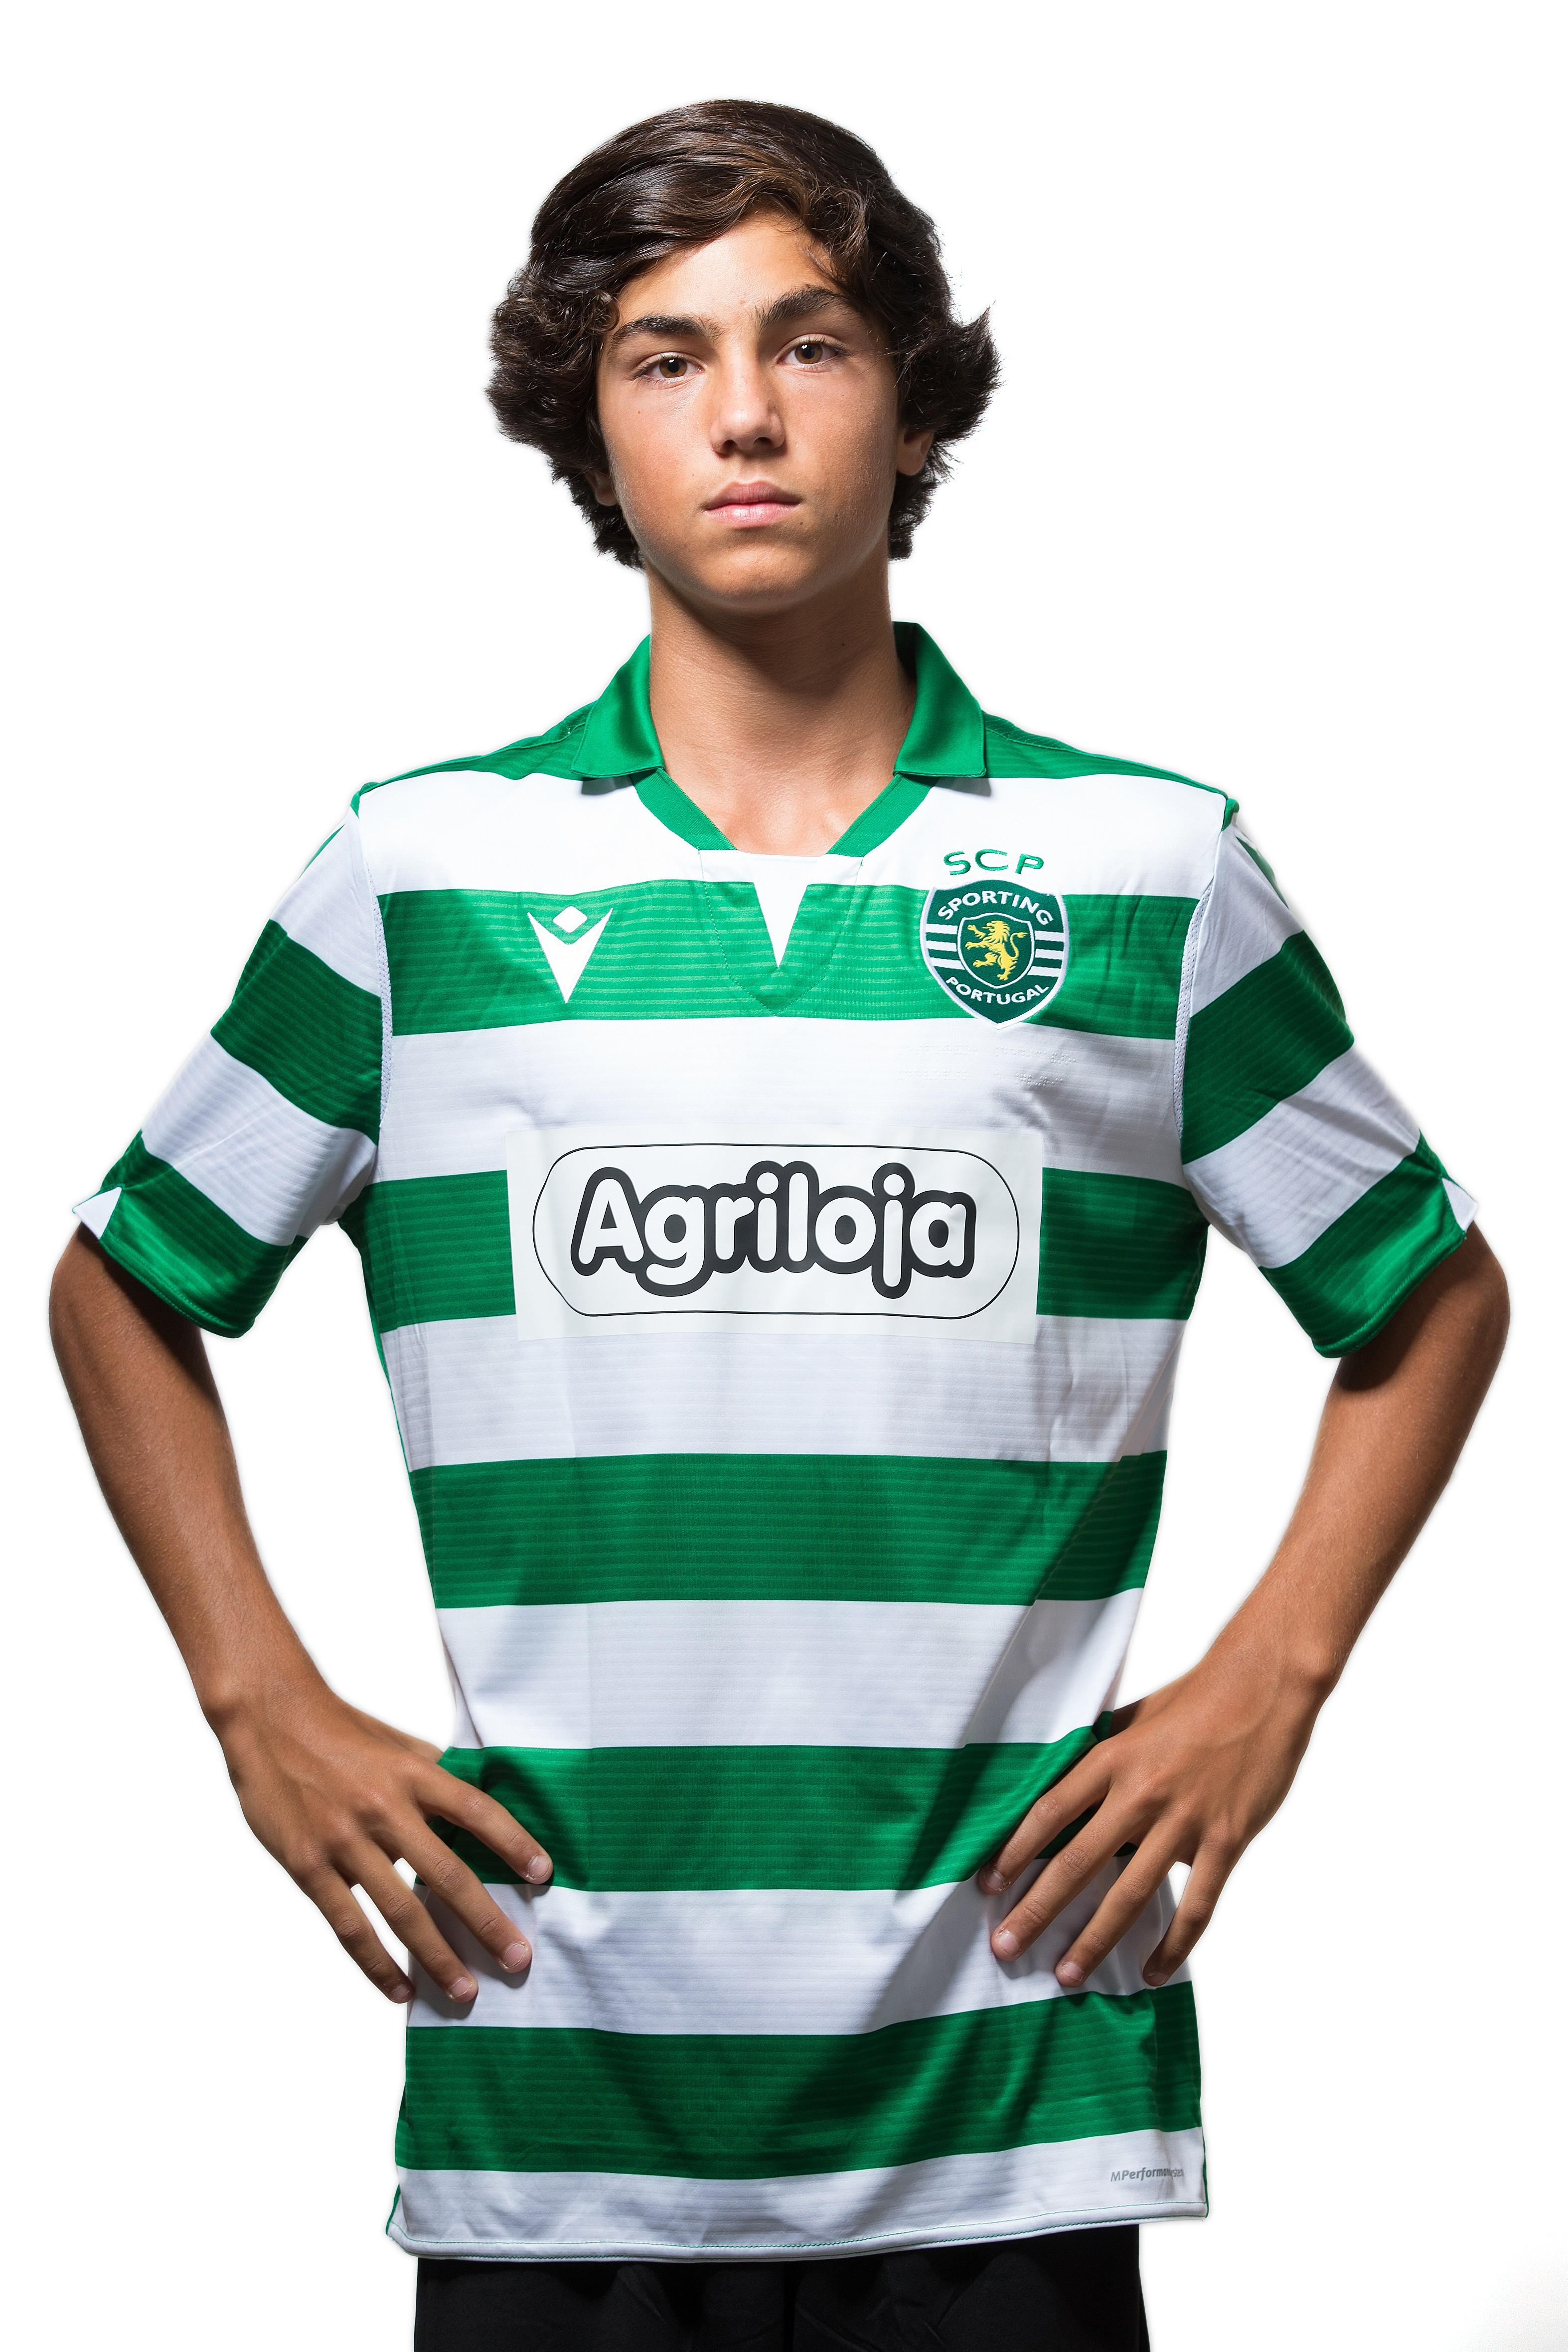 Tomás Martins Abreu